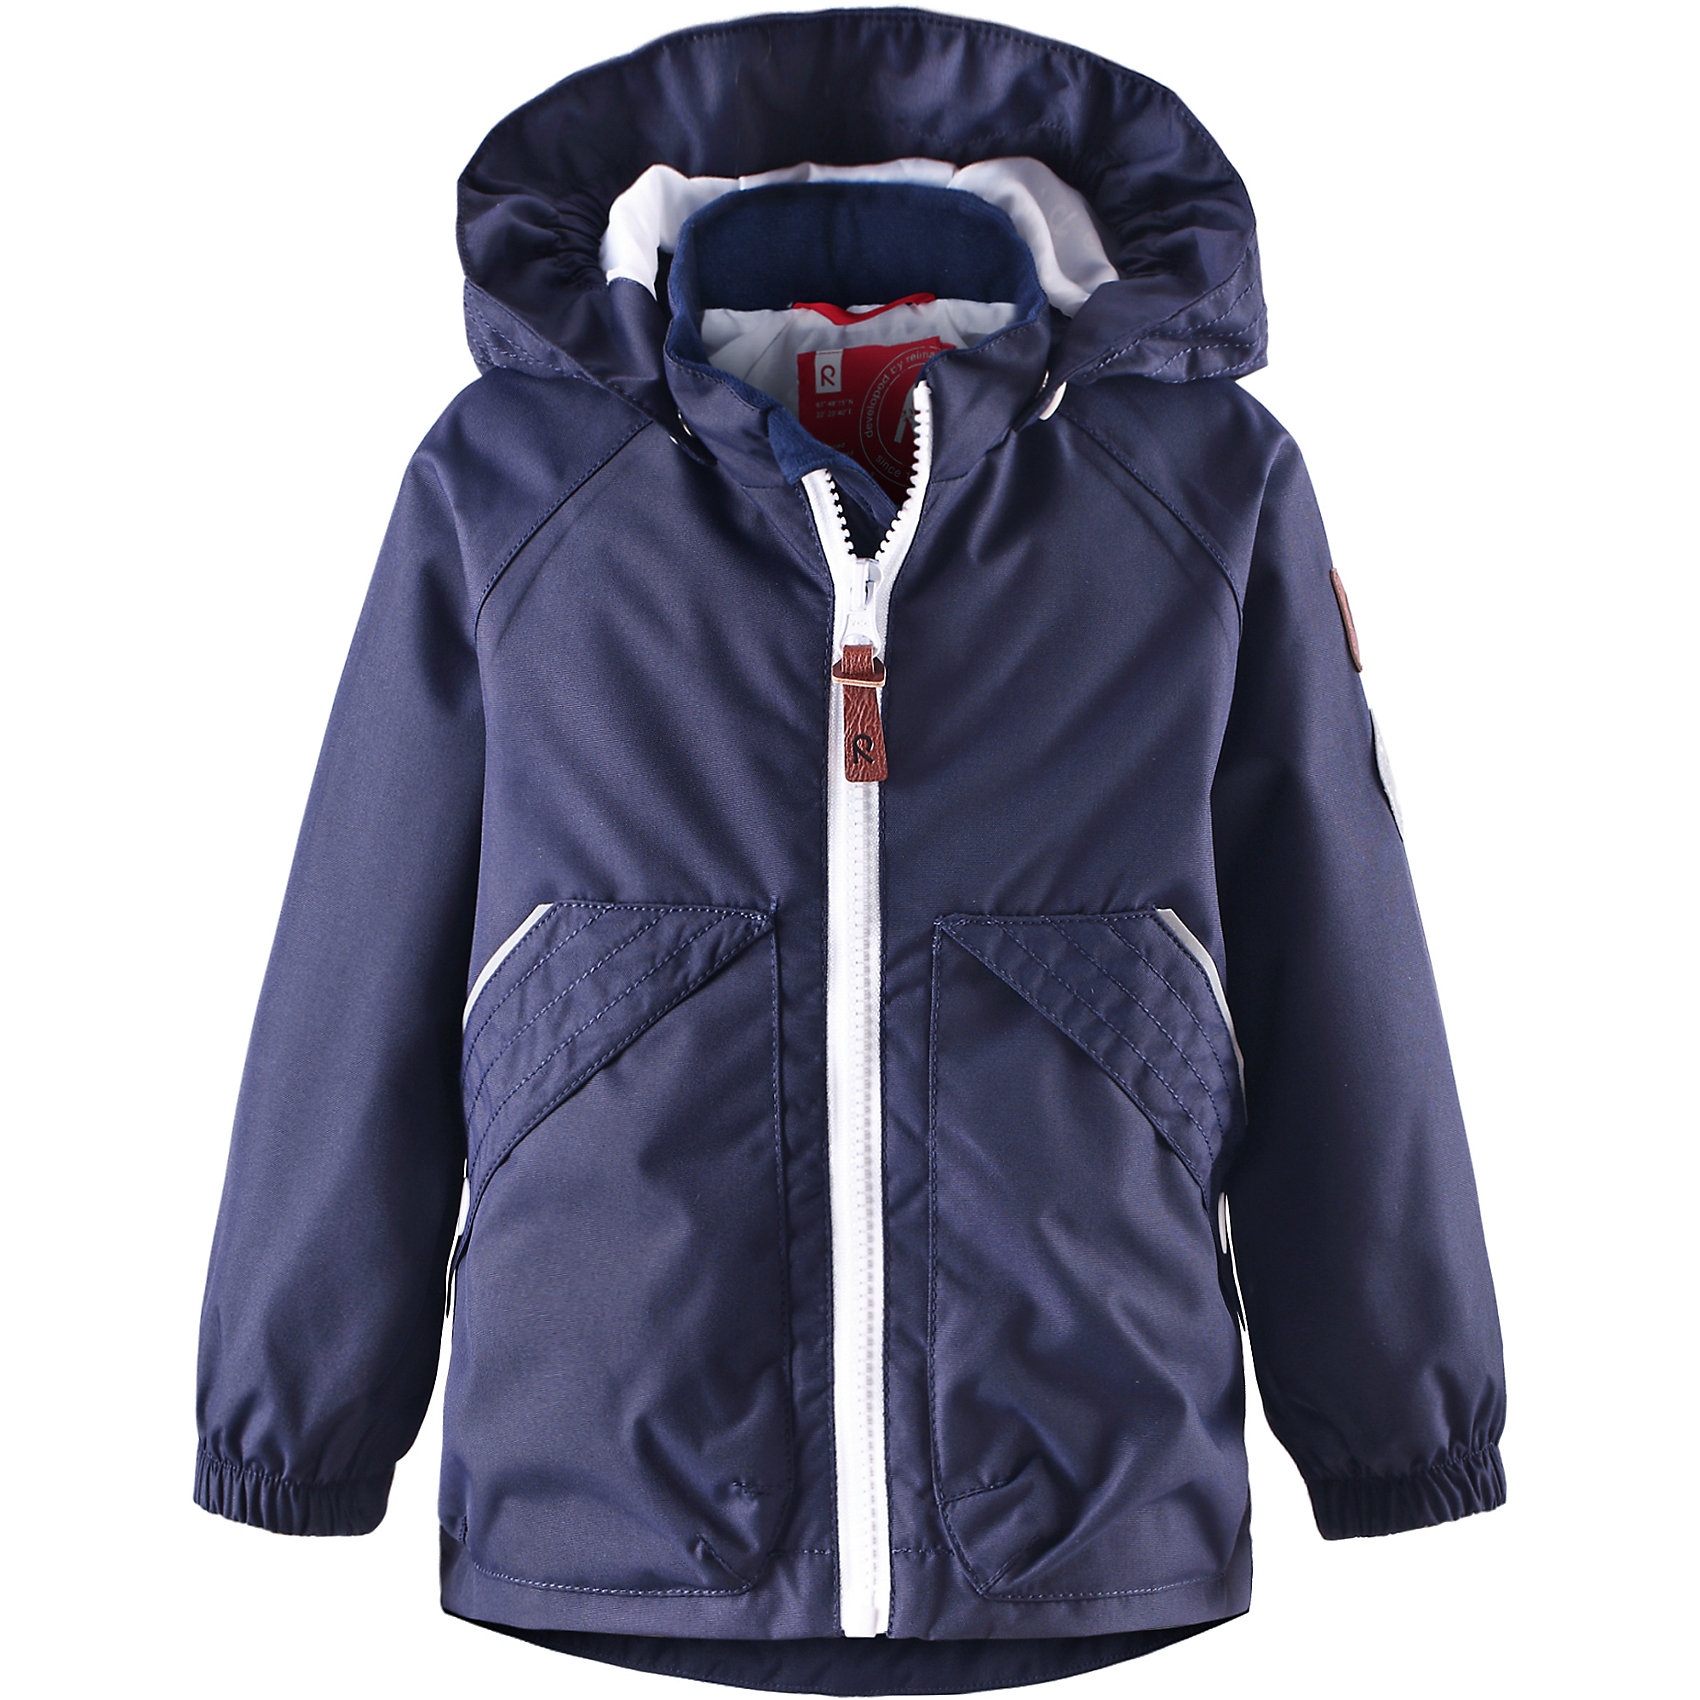 Куртка для мальчика ReimaВерхняя одежда<br>Эта элегантная демисезонная куртка для малышей – идеальный выбор для игр на открытом воздухе весной и осенью. Основные швы этой водо- и грязеотталкивающей куртки проклеены, поэтому никакой мелкий дождь не помешает игре на воздухе. Материал куртки – ветронепроницаемый, но дышащий, и не позволяющий коже потеть. Подкладка куртки из гладкого полиэстера облегчает процесс одевания. Съемный капюшон не только защищает от пронизывающего ветра, но и обеспечивает безопасность во время игр на воздухе, так как капюшон легко отстегивается, если он, например, зацепился за ветку дерева. Два кармана на молнии надежно сохранят маленькие ценные предметы, а светоотражающие детали гарантируют, что ваших маленьких любителей приключений будет видно в темноте.<br><br>Дополнительная информация:<br><br>Куртка демисезонная для малышей<br>Водонепроницаемость: 10000 мм<br>Основные швы проклеены и не пропускают влагу<br>Водоотталкивающий, ветронепроницаемый и «дышащий» материал<br>Гладкая подкладка из полиэстра<br>Безопасный, съемный капюшон<br>Два кармана с клапанами<br>Безопасные светоотражающие детали<br>Состав:<br>100% ПЭ, ПУ-покрытие<br>Уход:<br>Стирать по отдельности, вывернув наизнанку. Застегнуть молнии и липучки. Стирать моющим средством, не содержащим отбеливающие вещества. Полоскать без специального средства. Во избежание изменения цвета изделие необходимо вынуть из стиральной машинки незамедлительно после окончания программы стирки. Сушить при низкой температуре.<br><br>Ширина мм: 356<br>Глубина мм: 10<br>Высота мм: 245<br>Вес г: 519<br>Цвет: синий<br>Возраст от месяцев: 6<br>Возраст до месяцев: 9<br>Пол: Мужской<br>Возраст: Детский<br>Размер: 74,92,98,86,80<br>SKU: 4497165